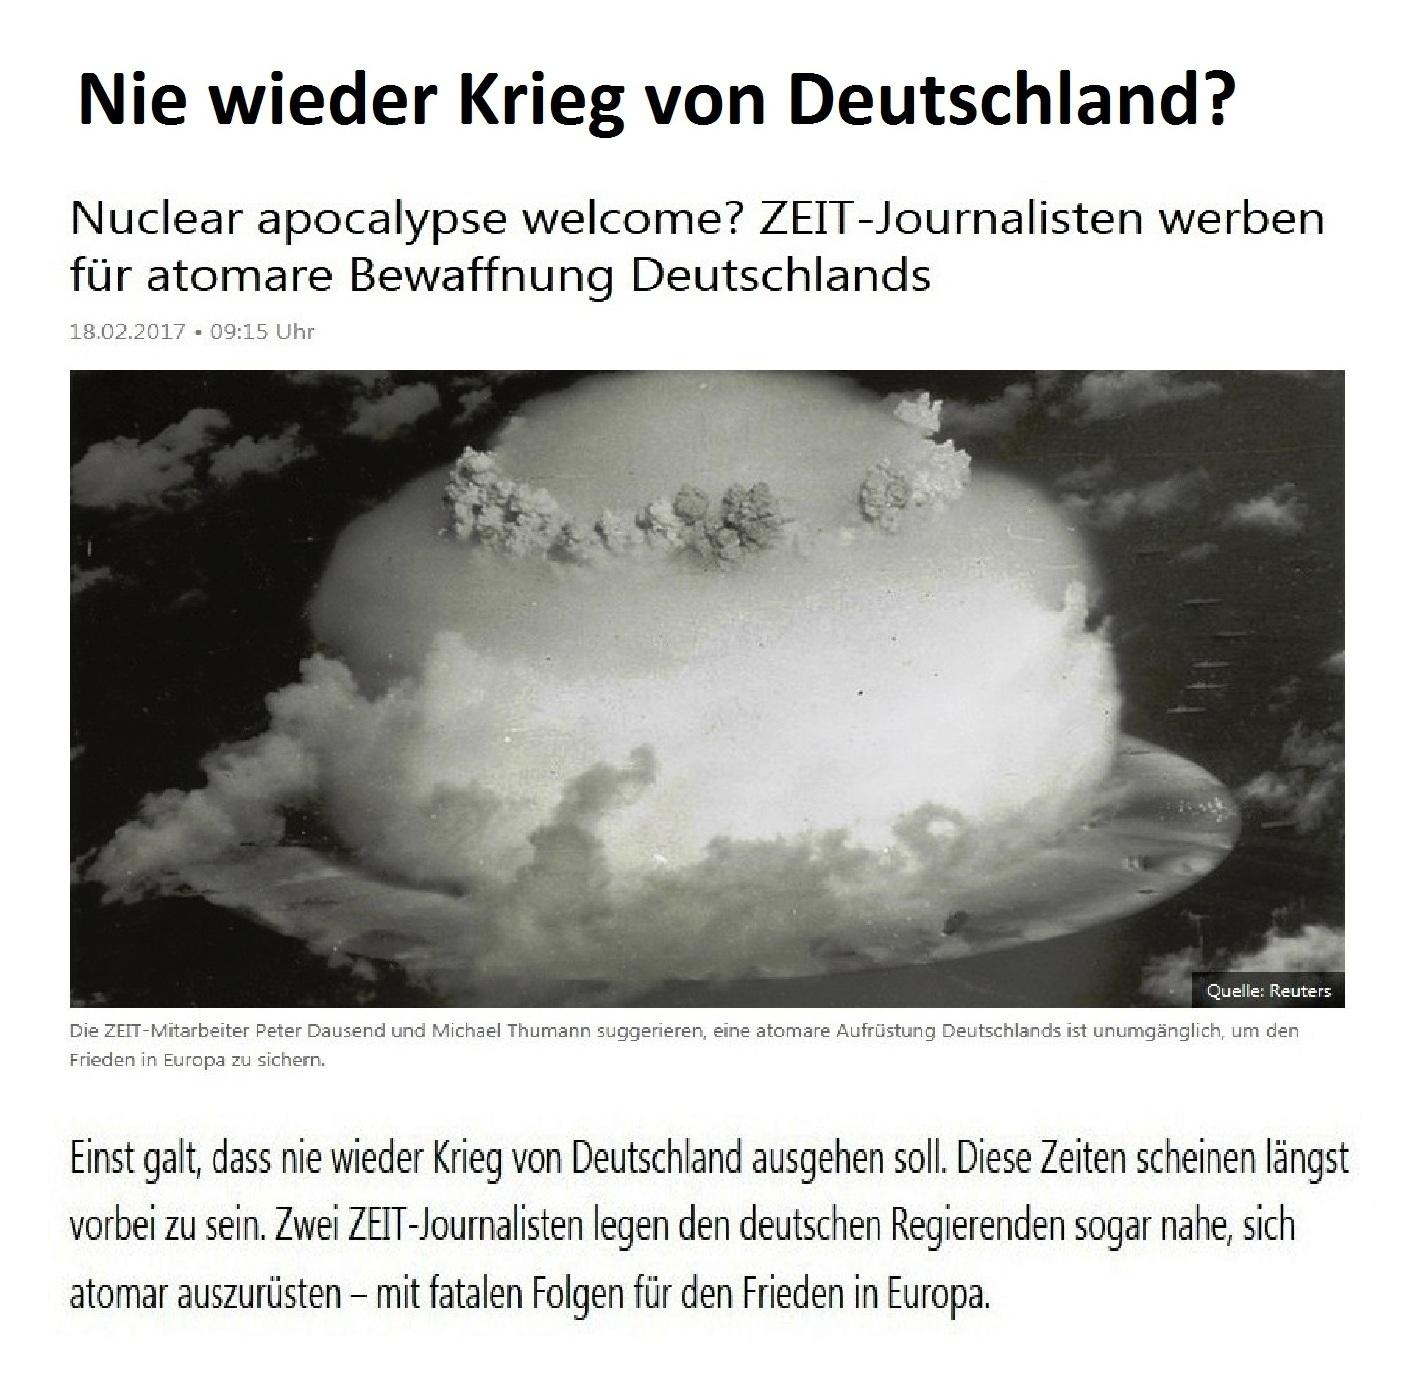 Aus dem Posteingang - Friedensinitiative gegen atomare Aufrüstung -  Zeit-Journalisten werben für atomare Aufrüstung Deutschlands